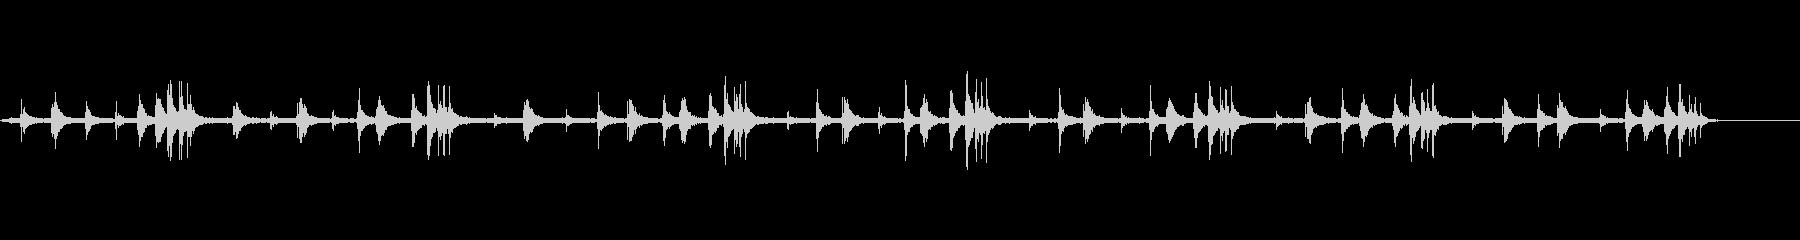 鳥の鳴き声【朝の公園】の未再生の波形